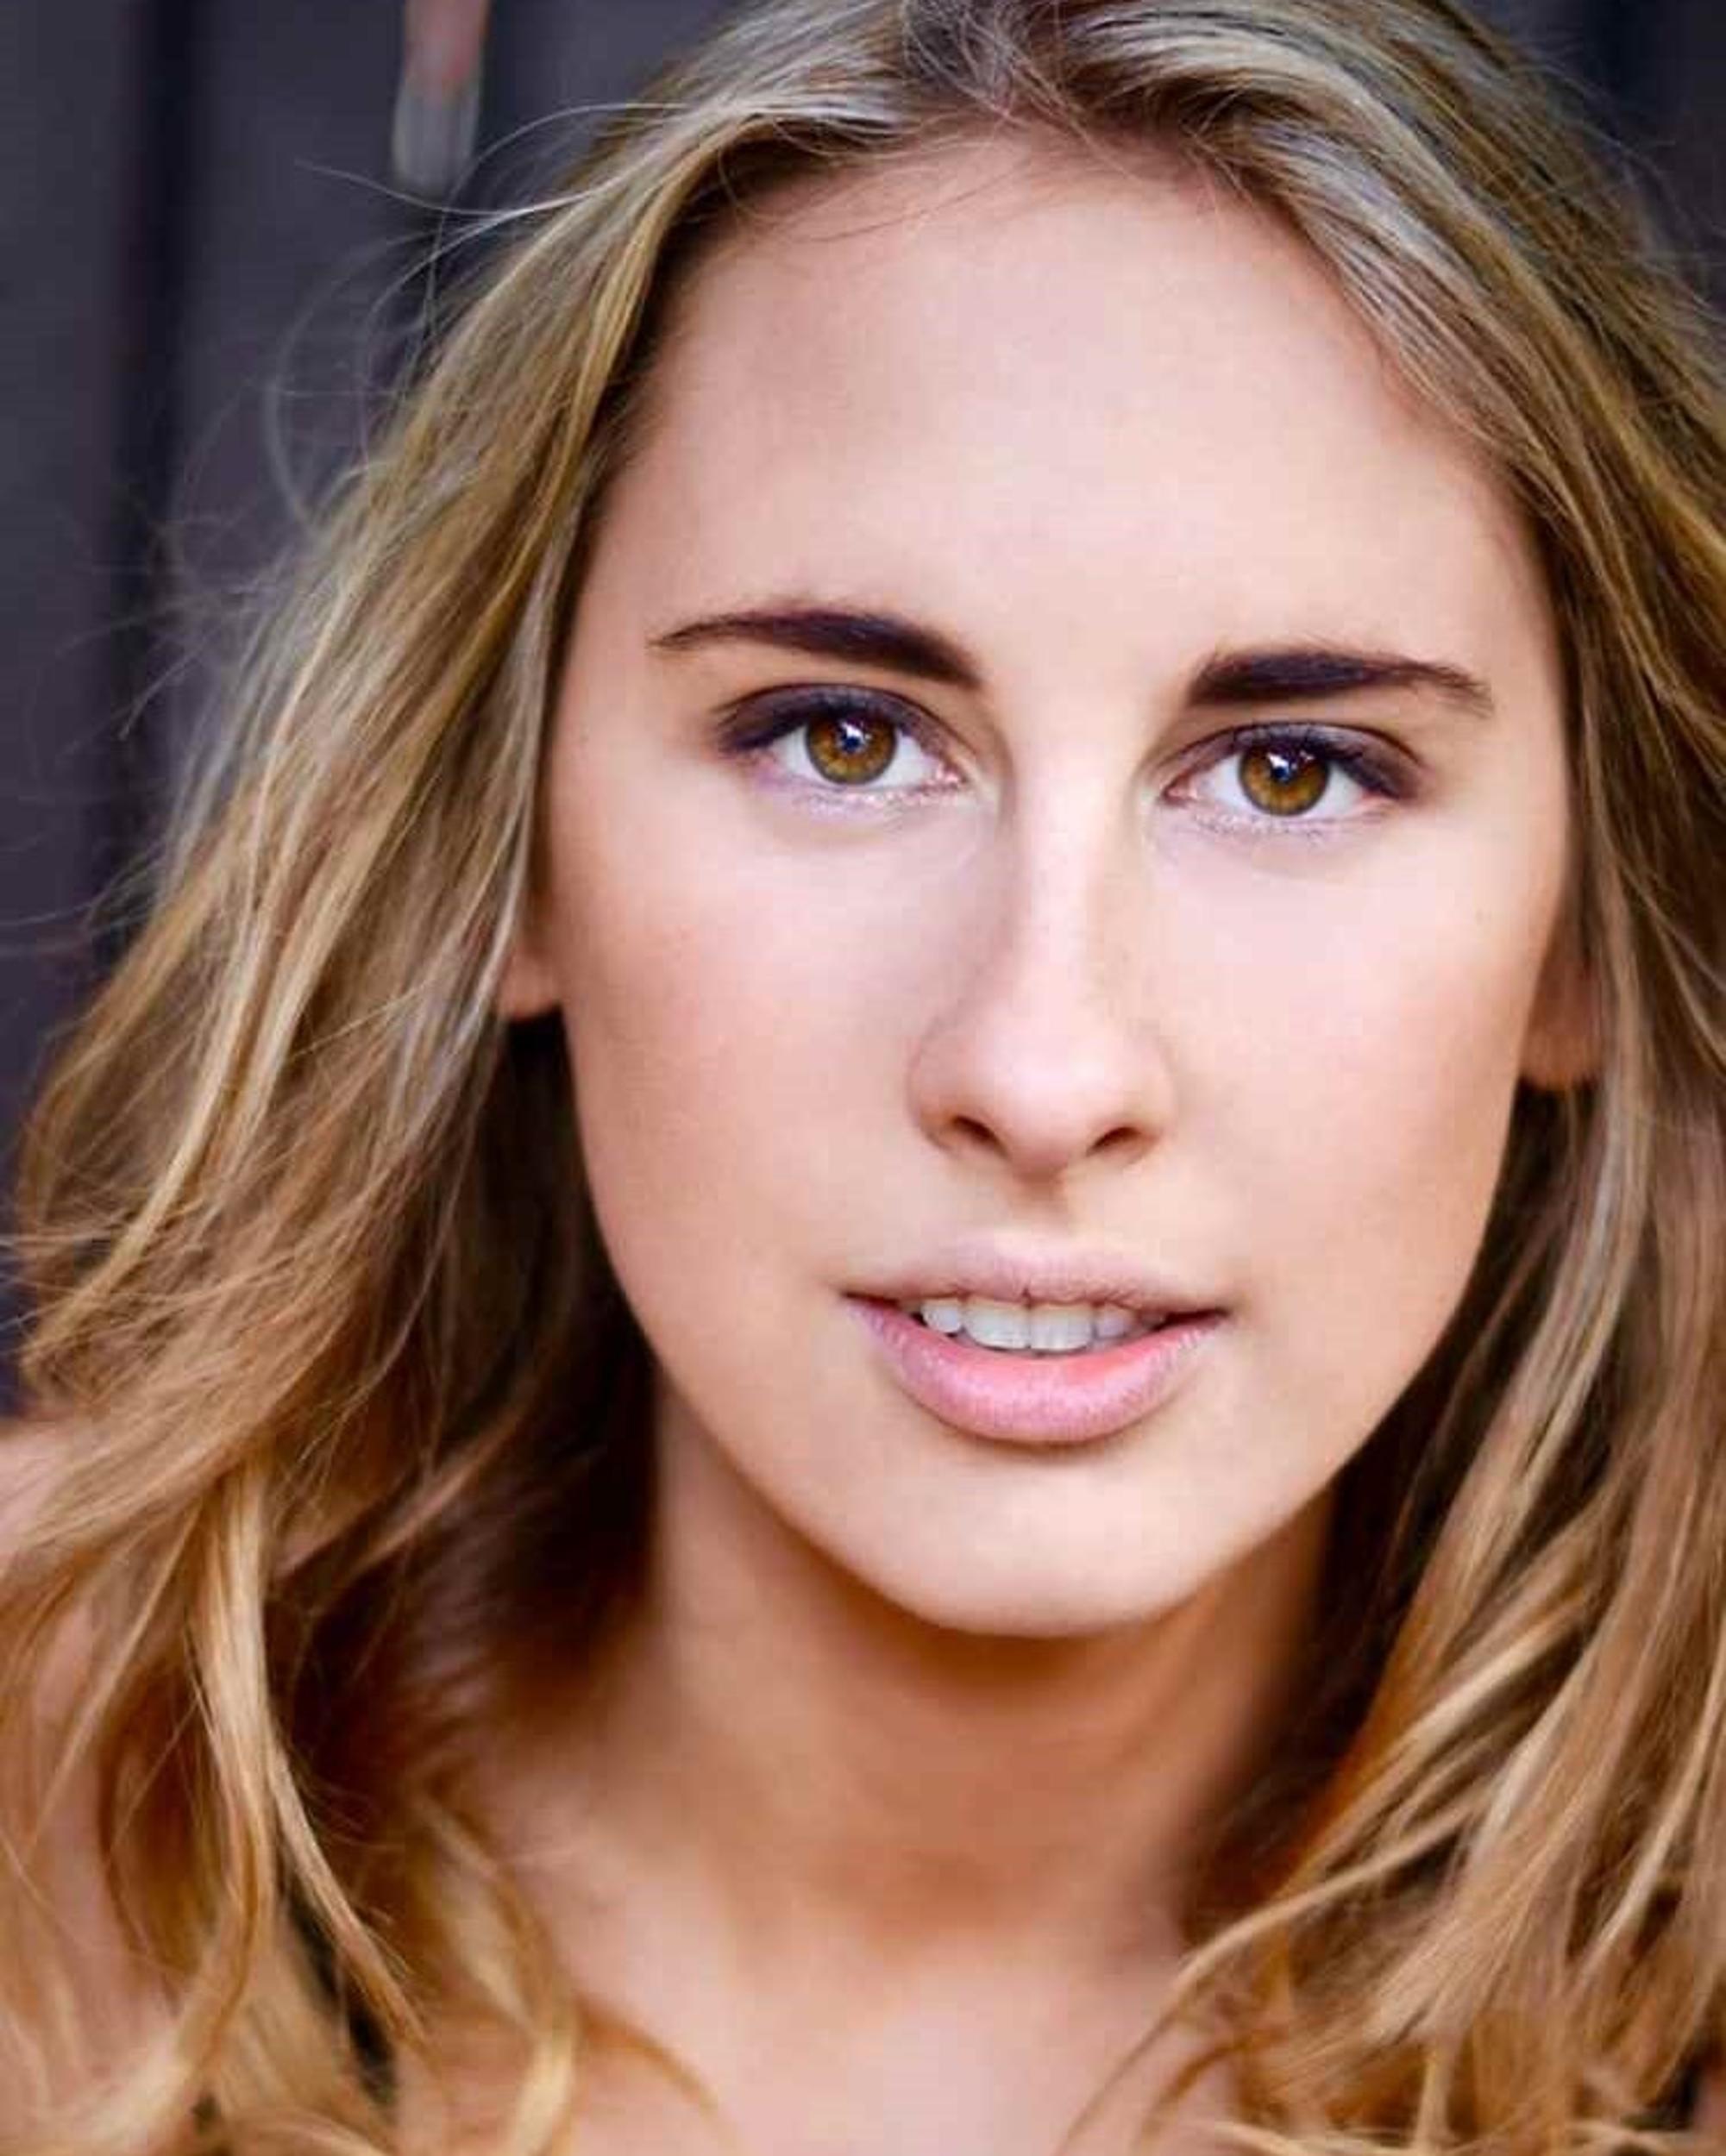 Madison Lee